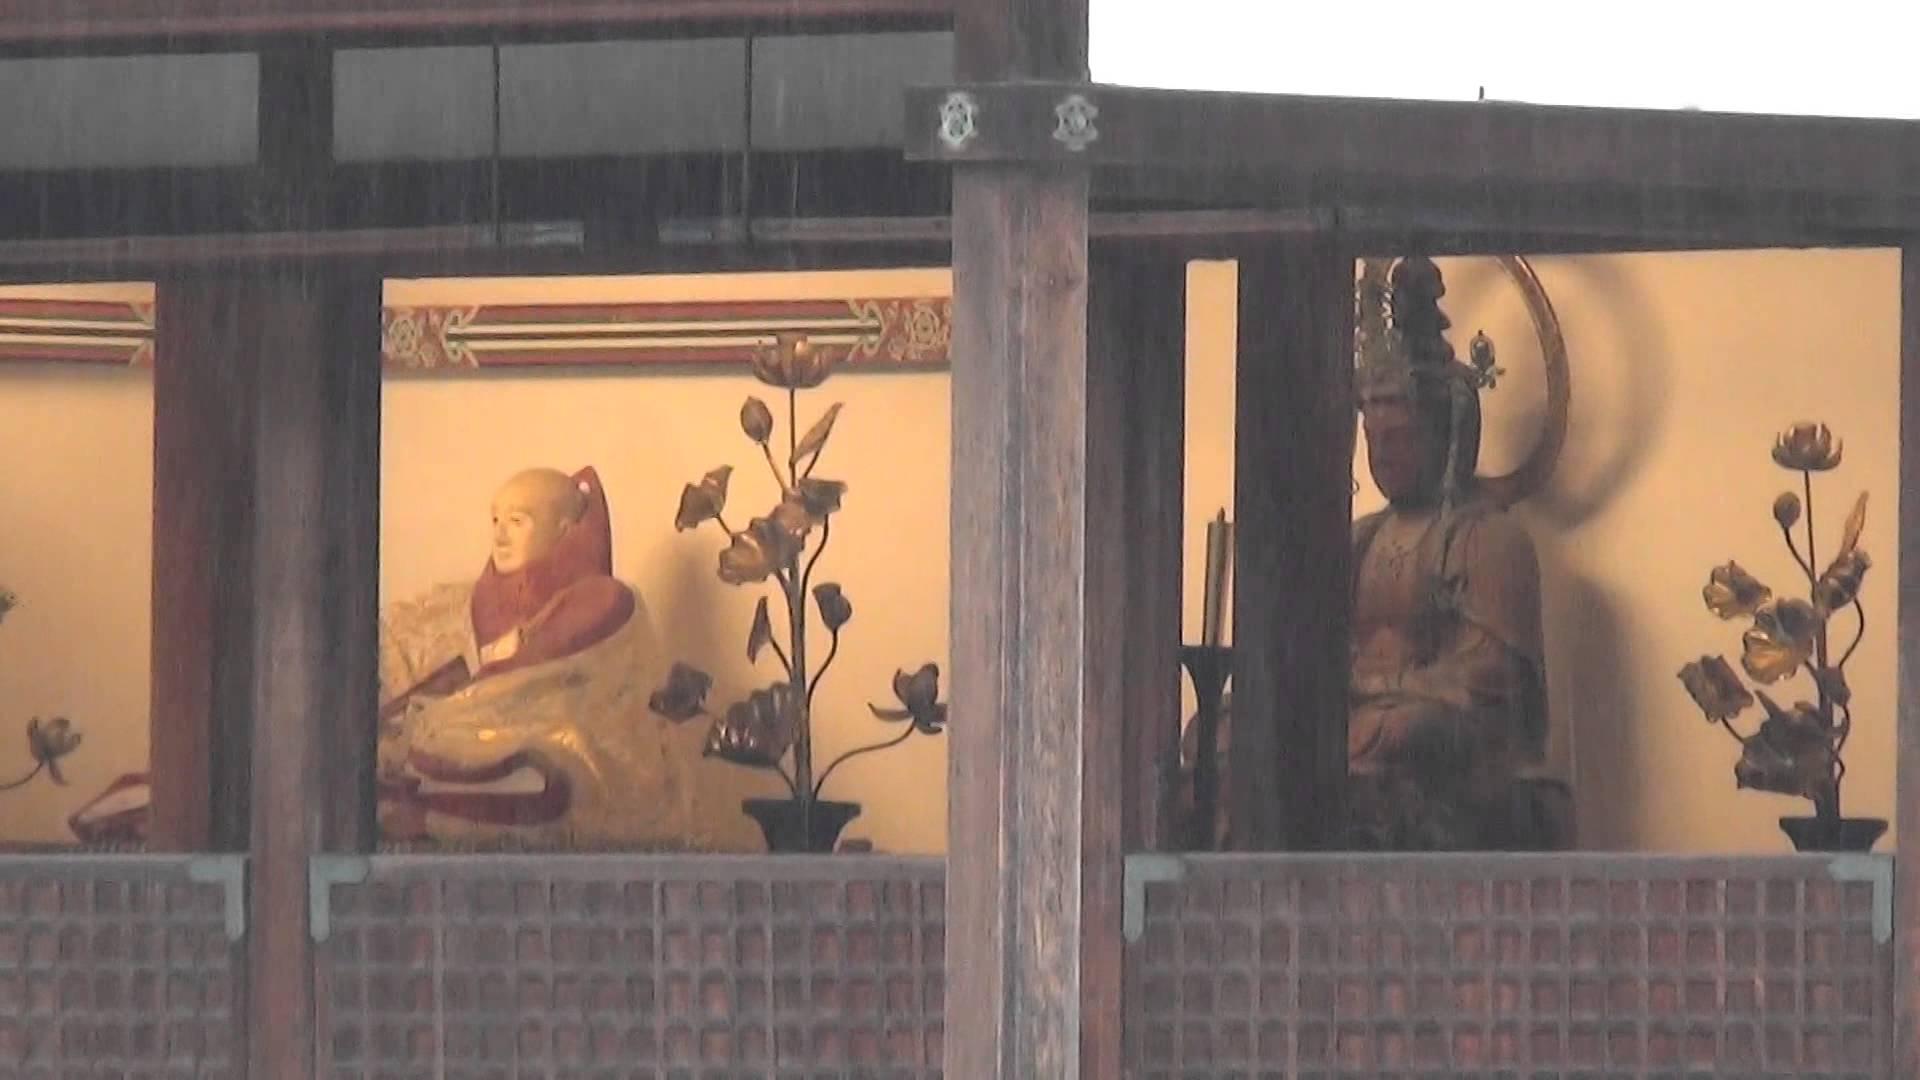 雪化粧中の金閣寺で寒そうな足利義満さんの像と宝冠釈迦如来様の像